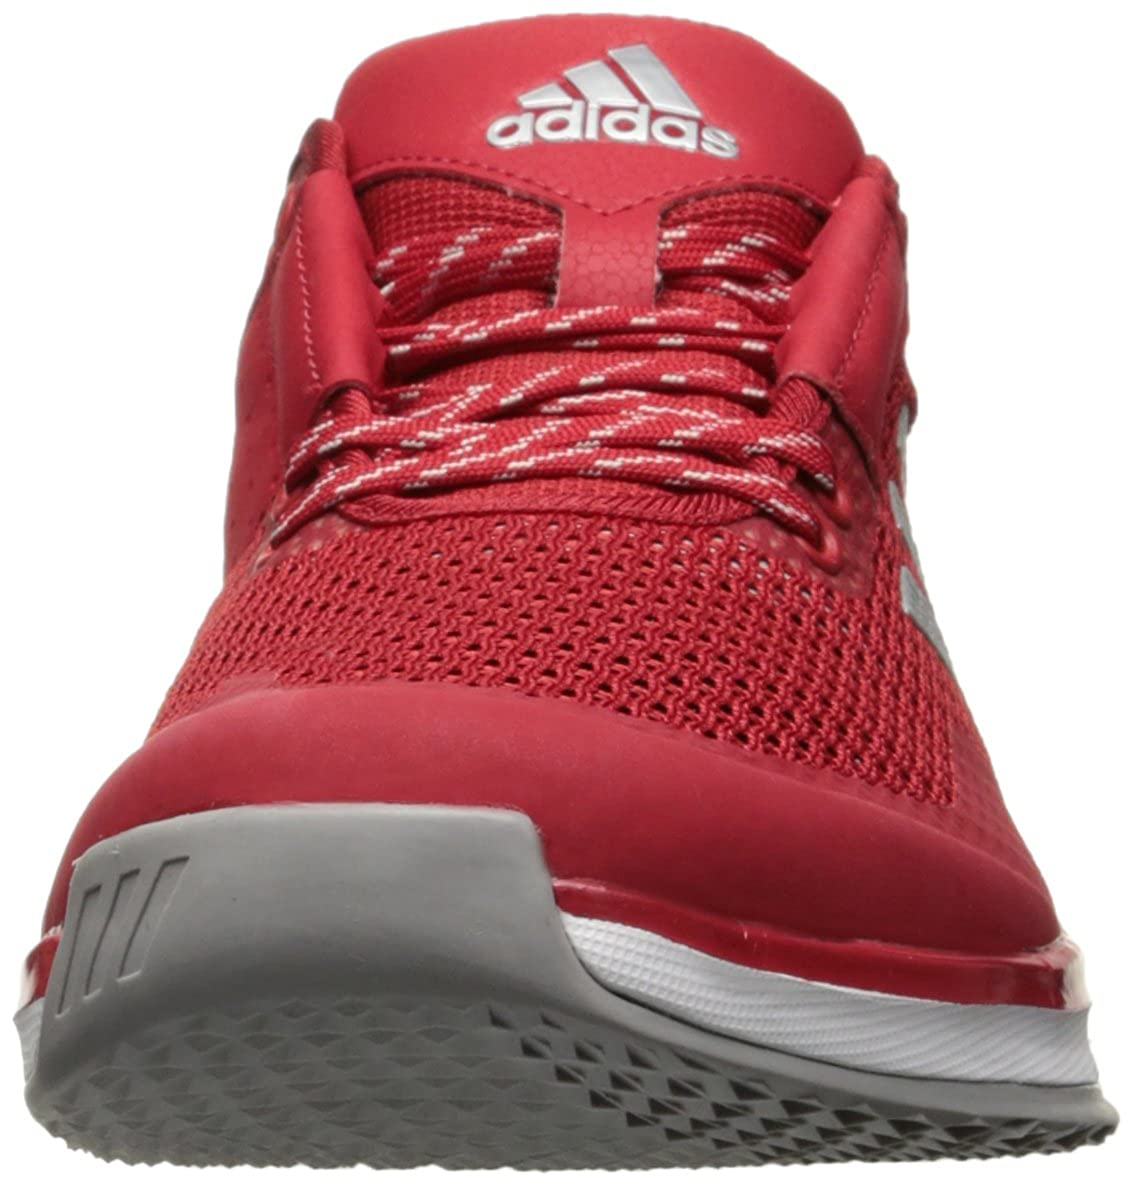 Adidas herren Sportschuhe Sportschuhe Sportschuhe B01LXYJGZX  8d2ec7